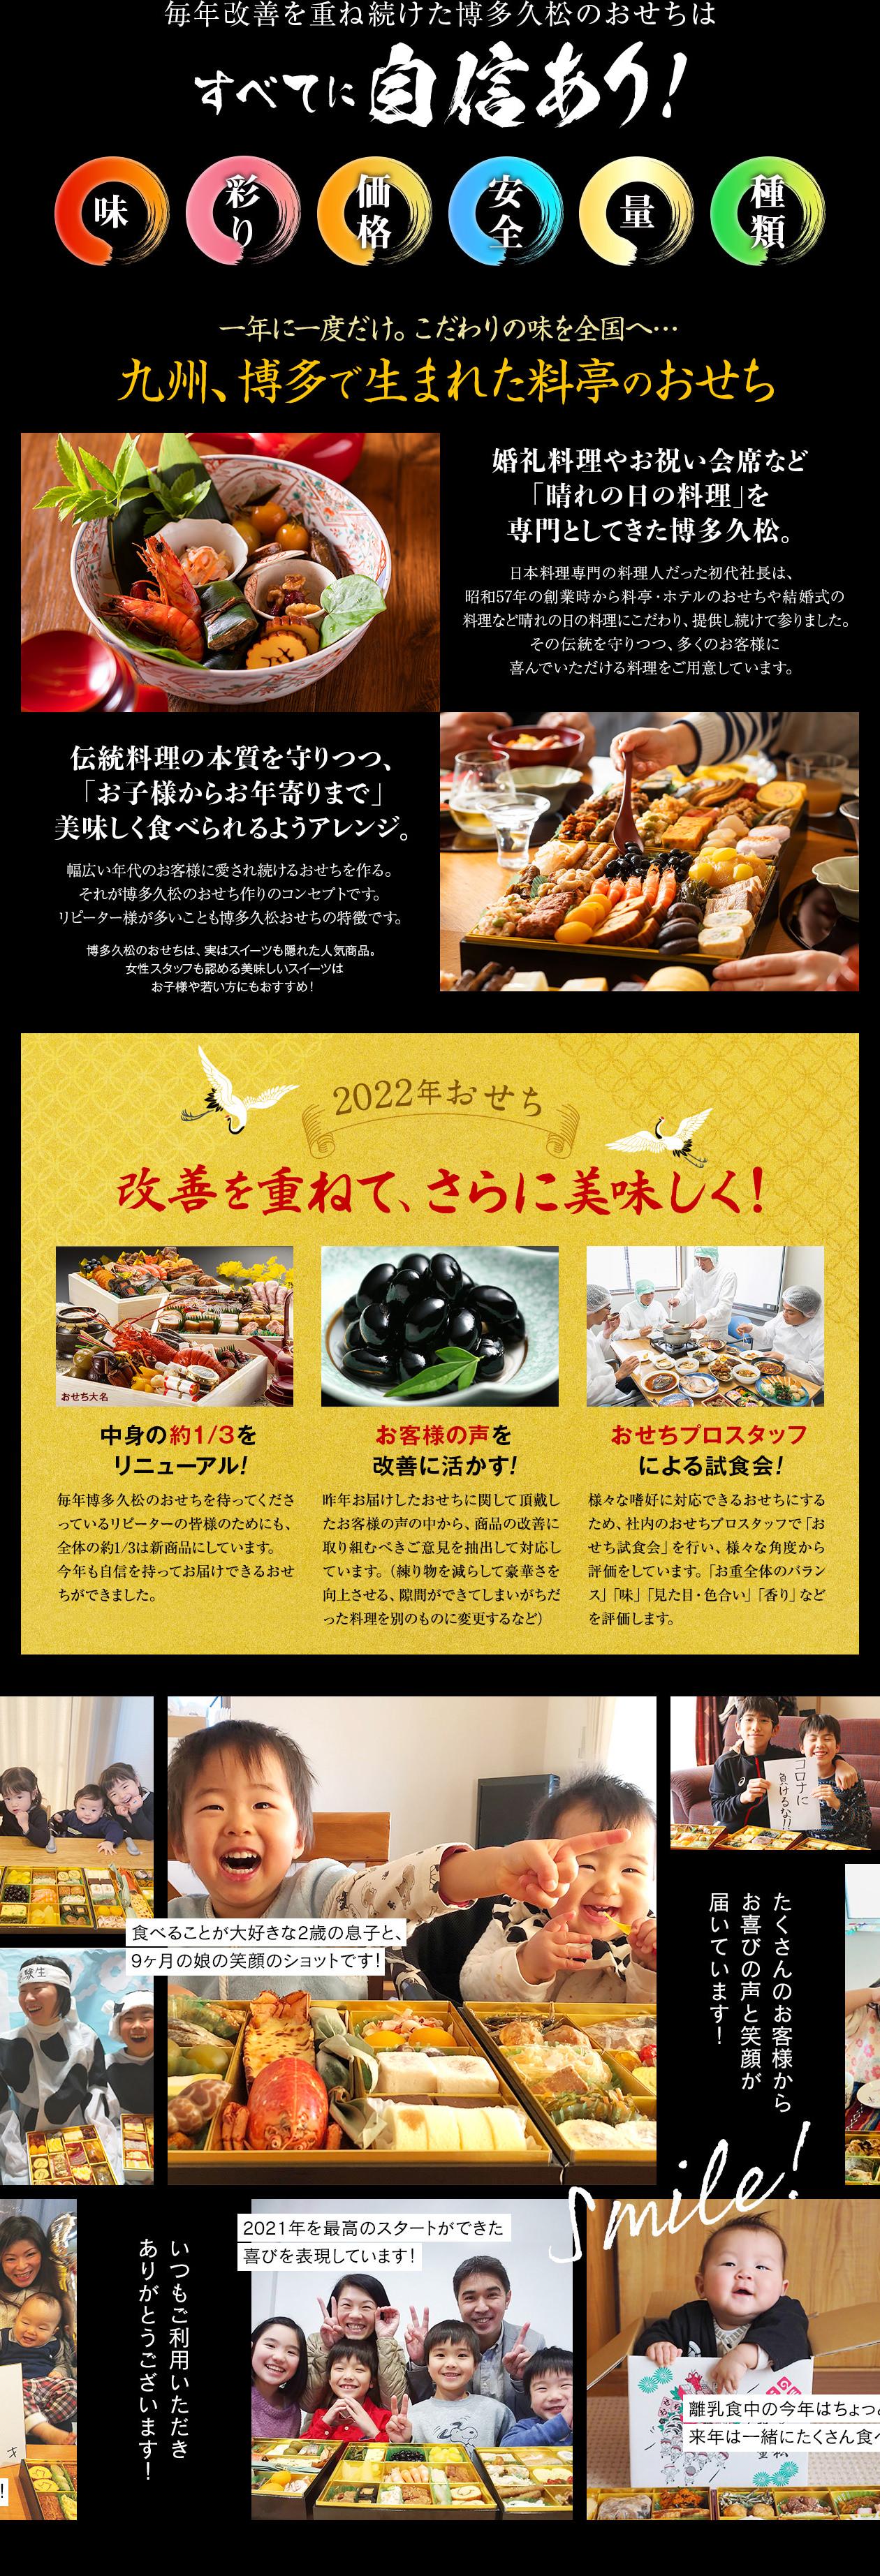 毎年改善を重ね続けた博多久松のおせちは全てに自信あり 九州 博多 料亭 おせち